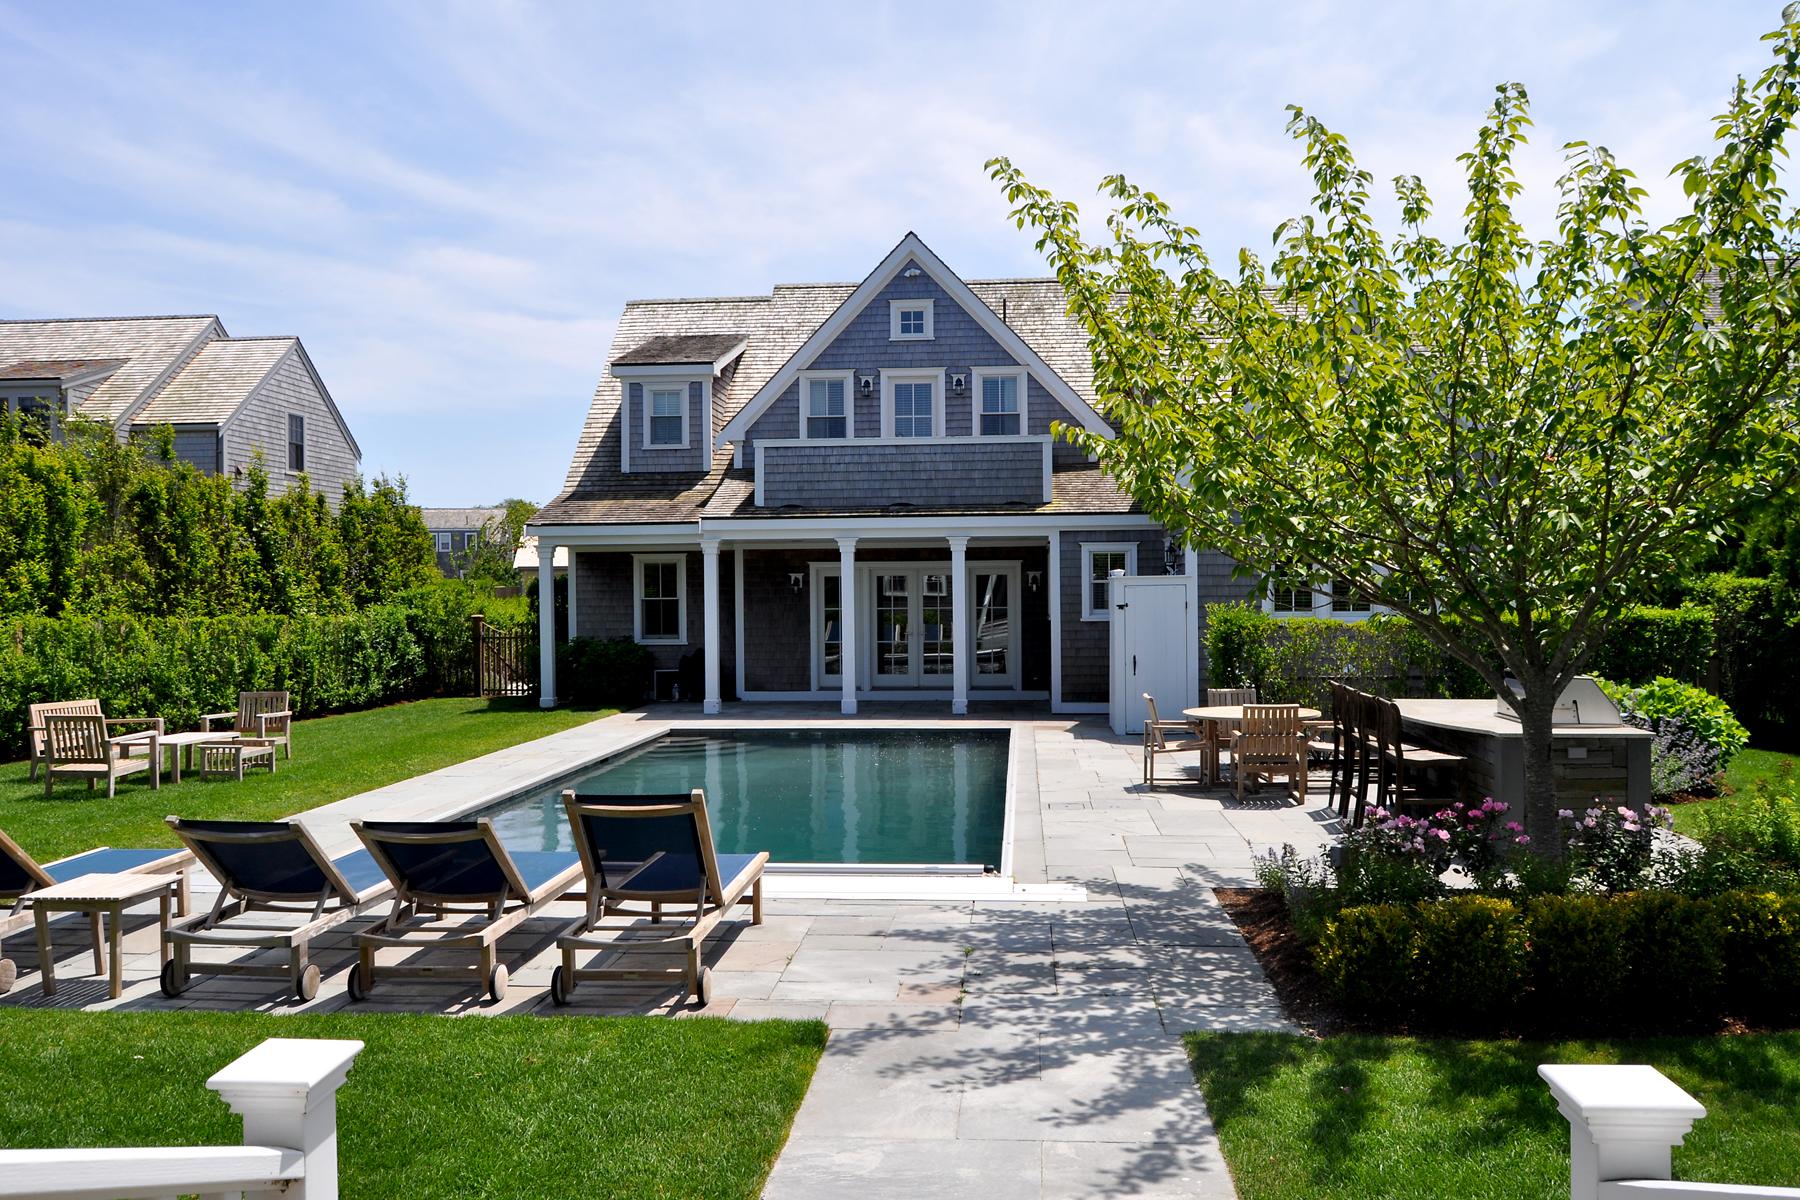 Частный односемейный дом для того Продажа на Town with a Pool 9 Hedgebery Lane Nantucket, Массачусетс 02554 Соединенные Штаты